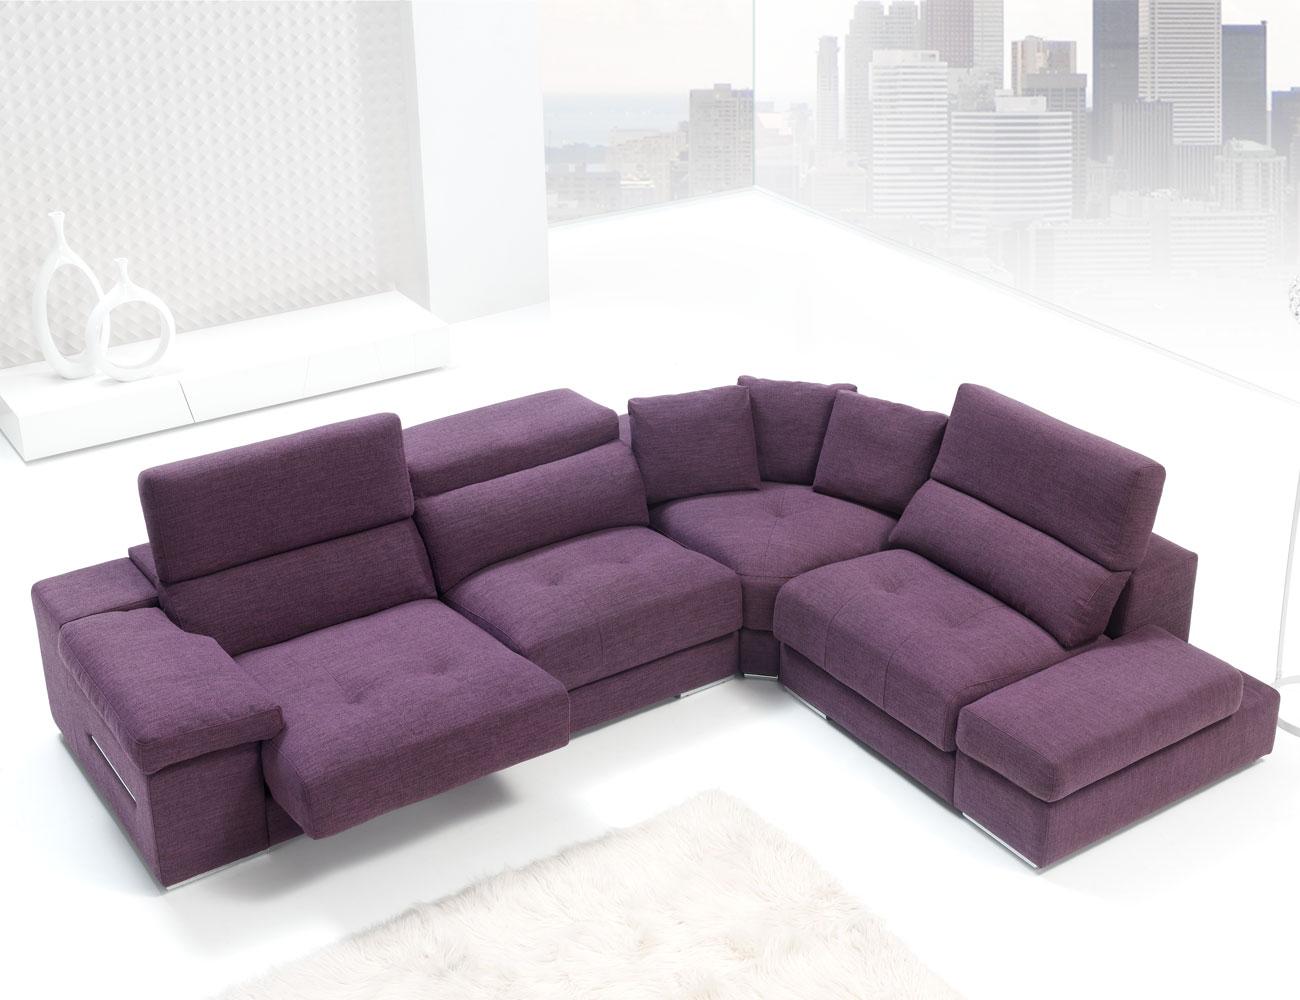 Sofa chaiselongue rincon con brazo mecanico tejido anti manchas 22